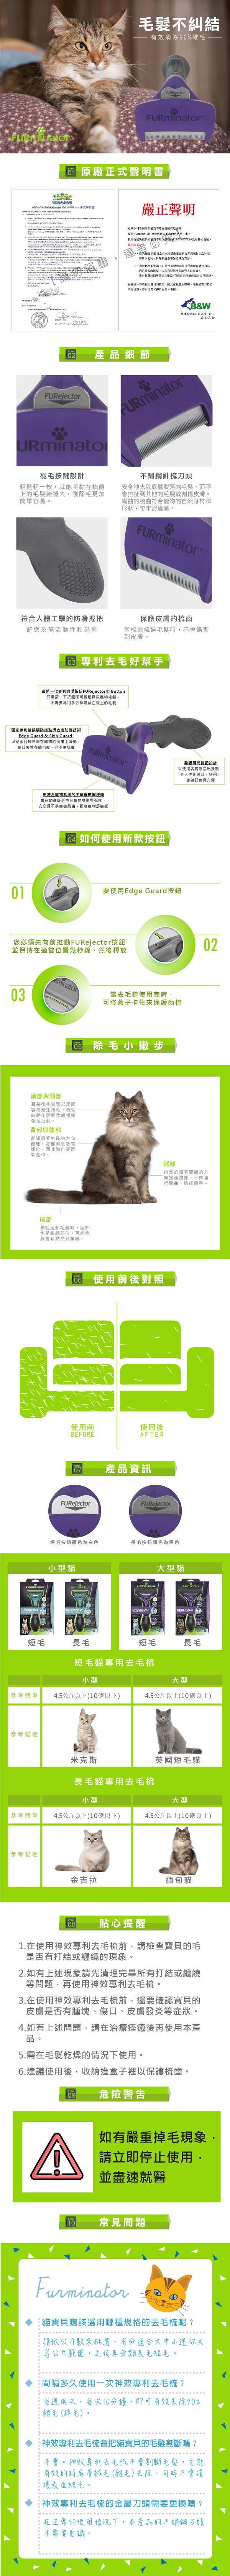 神效專利去毛梳-長毛大型貓4048422141280